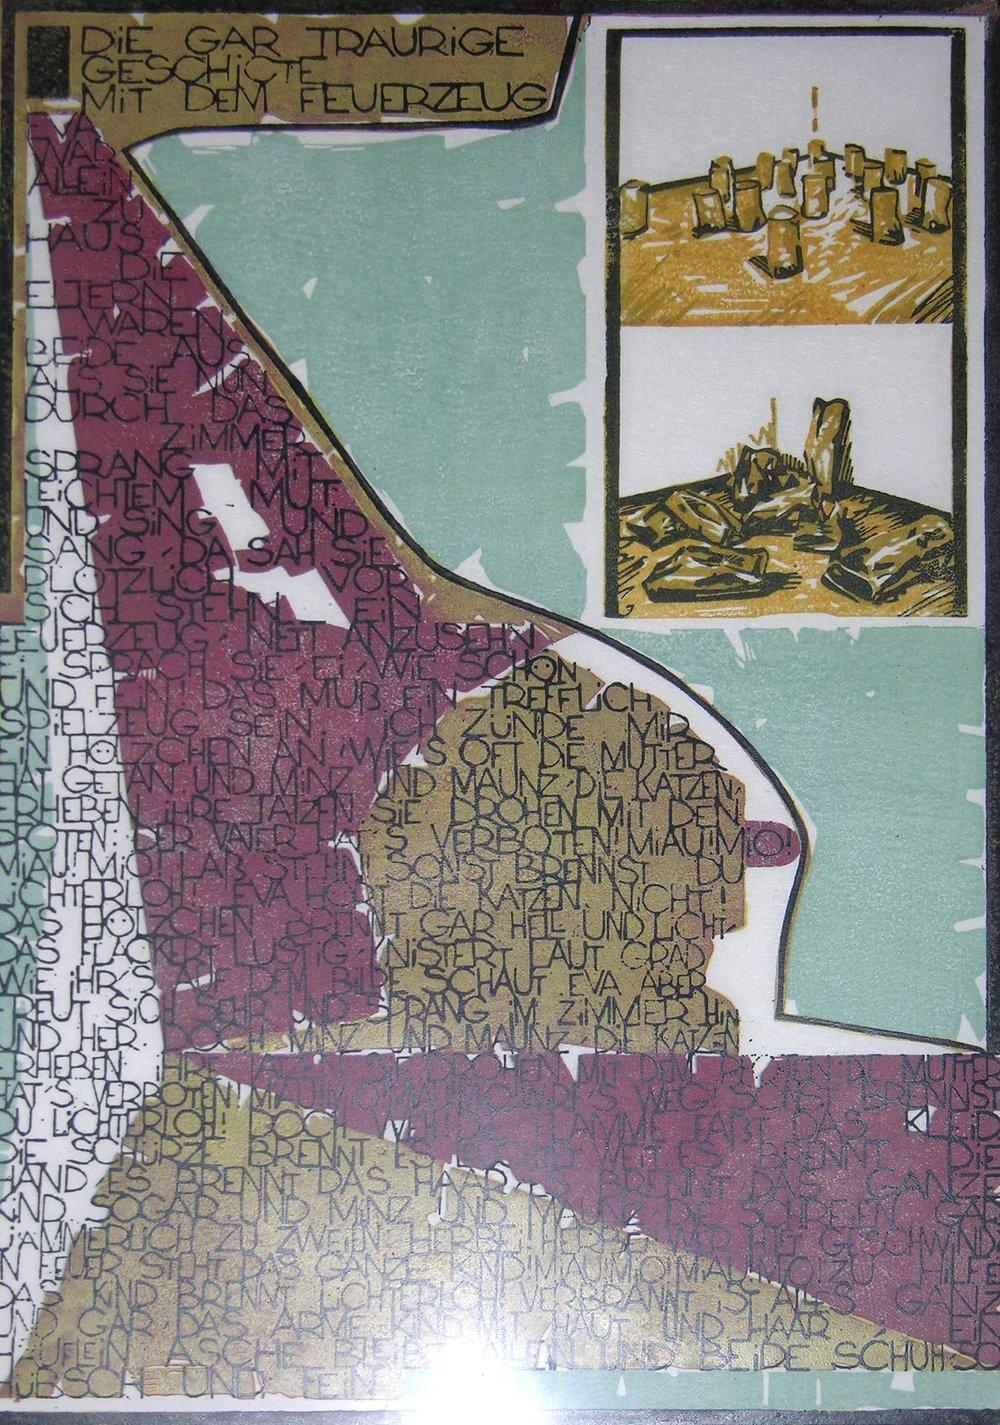 Die gar traurige Geschichte mit dem Feuerzeug | 1994 | farbiger Linolschnitt auf Papier | 50 x 35 cm